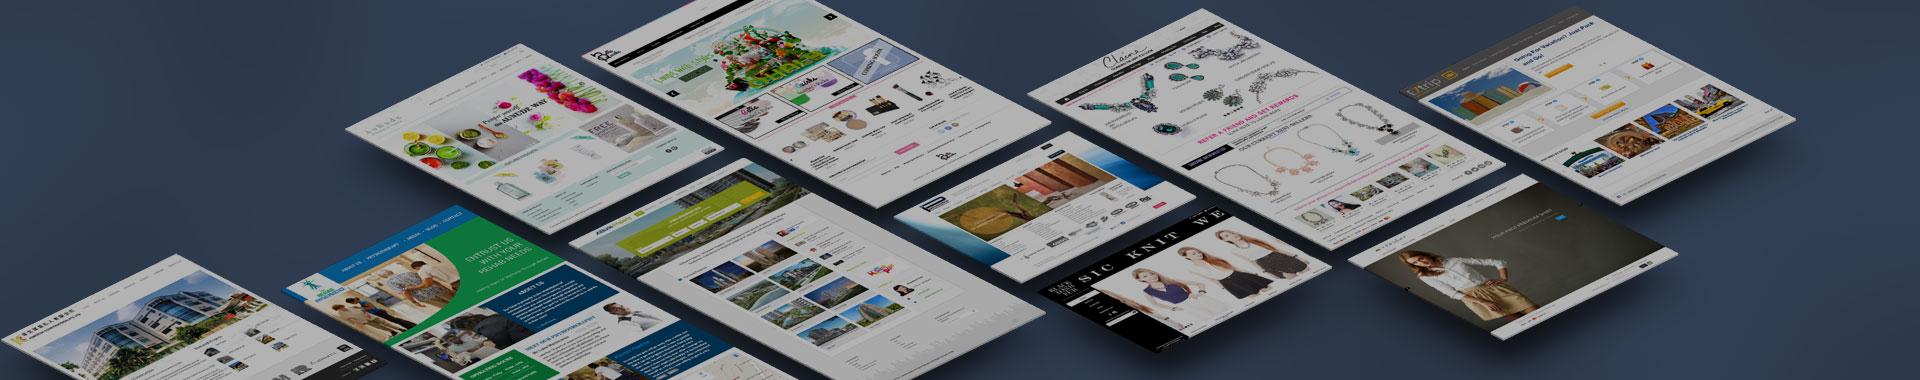 Website Design Singapore - Dream a Dream Shop